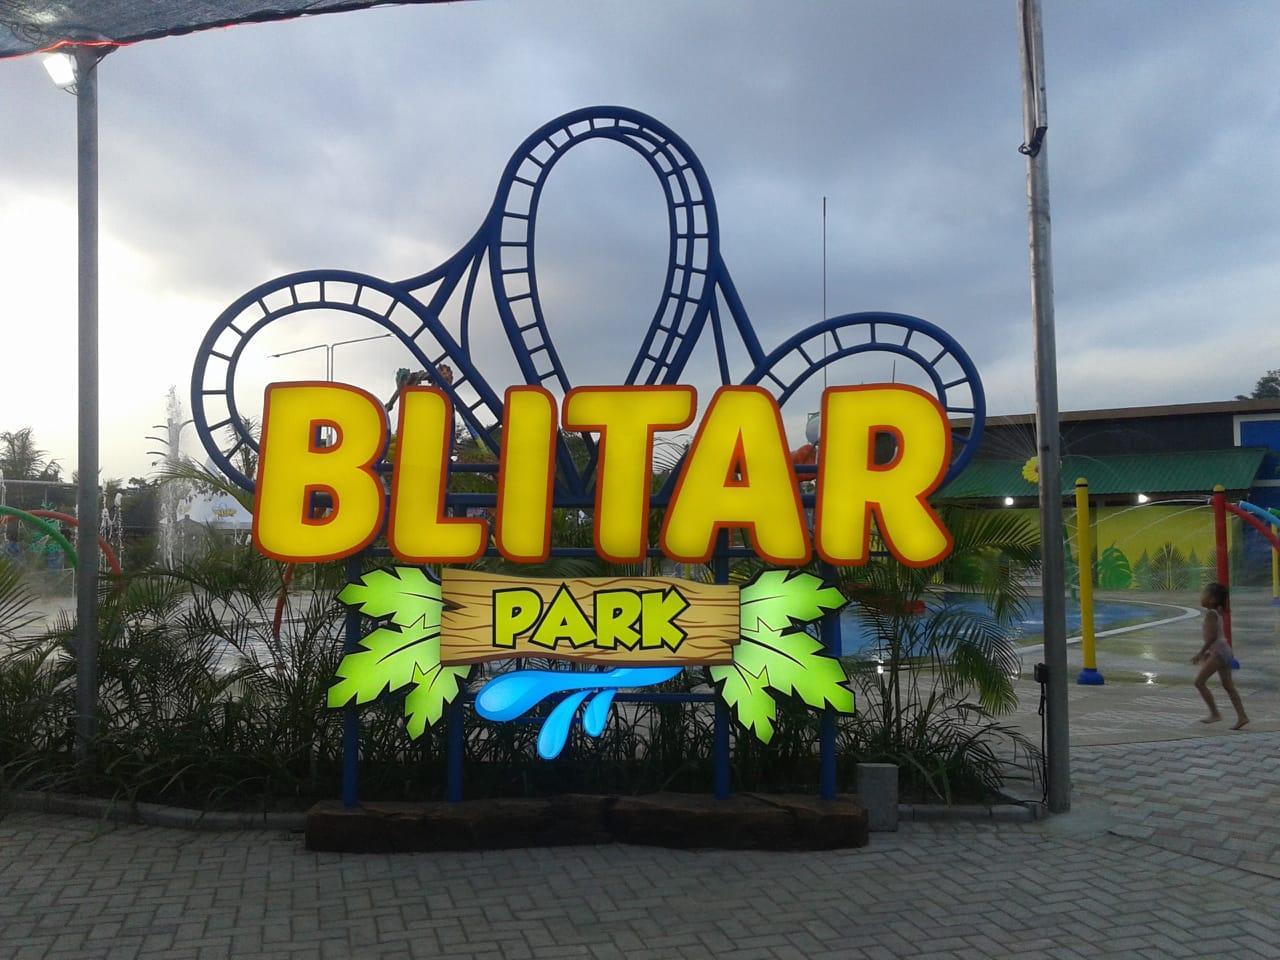 Disarankan Lengkapi Perijinan Wahana Wisata Blitar Park Diresmikan Beritalima com